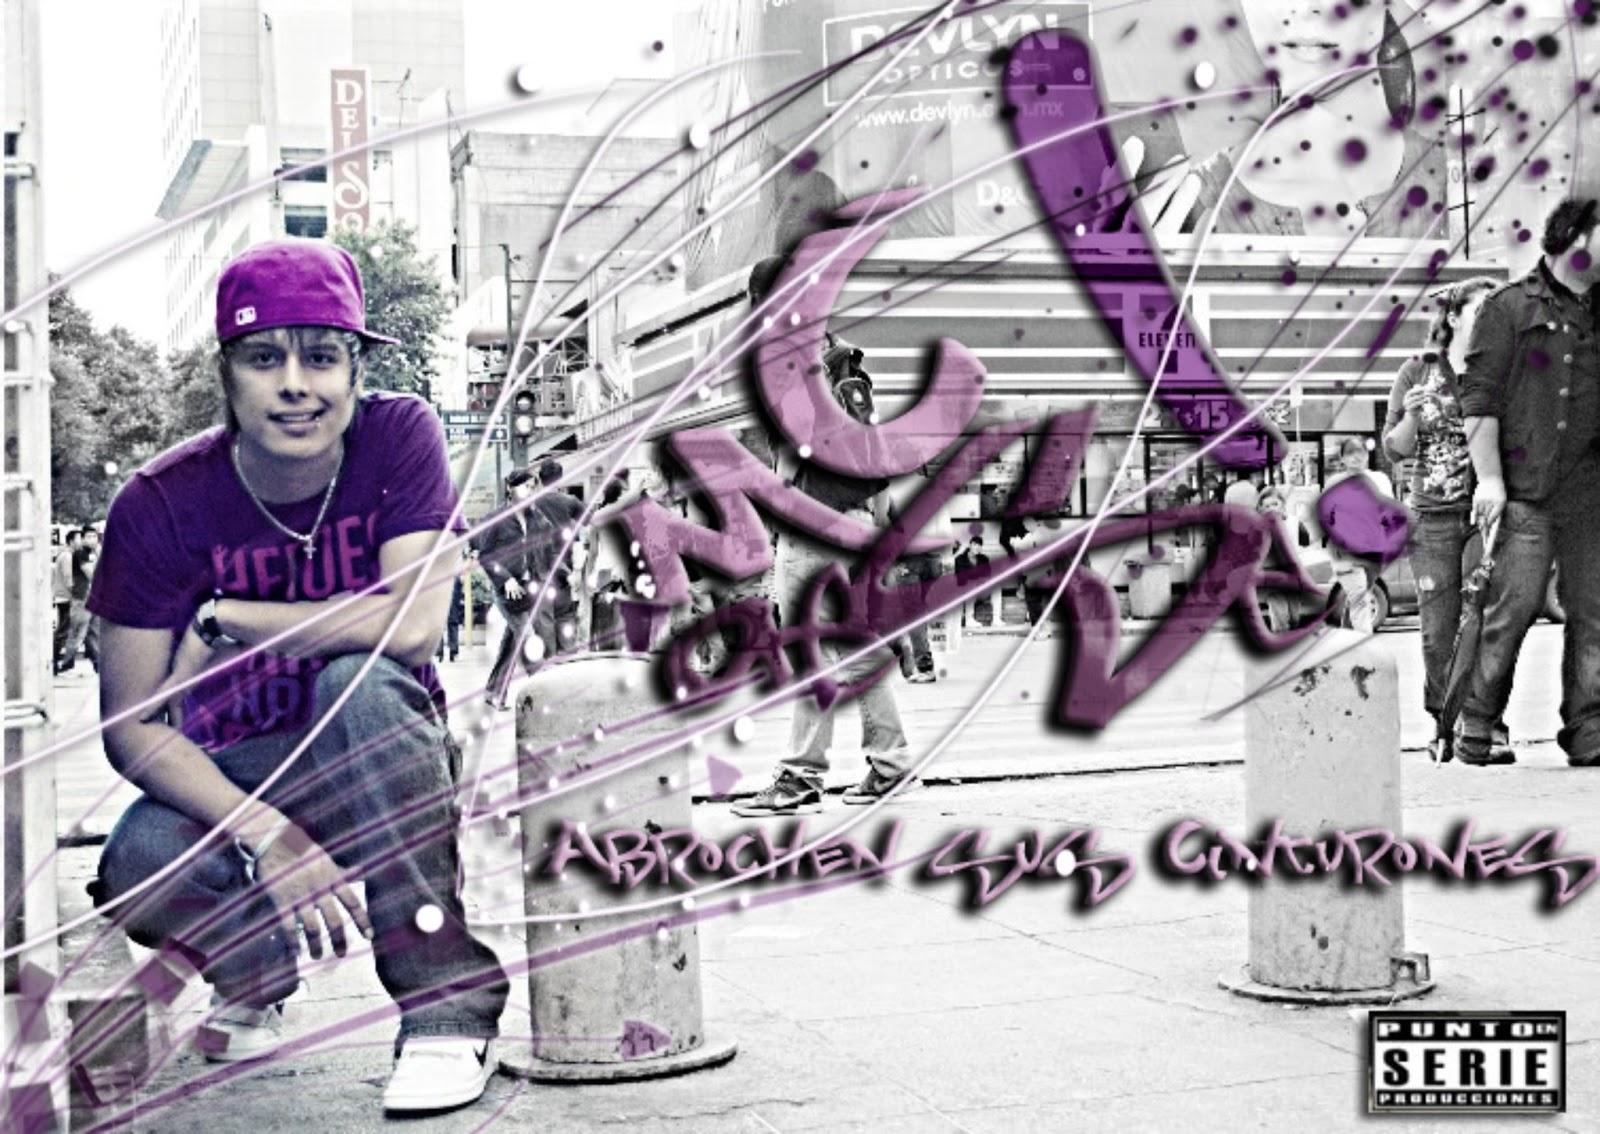 Descargar Discografia De El Clon Free Download